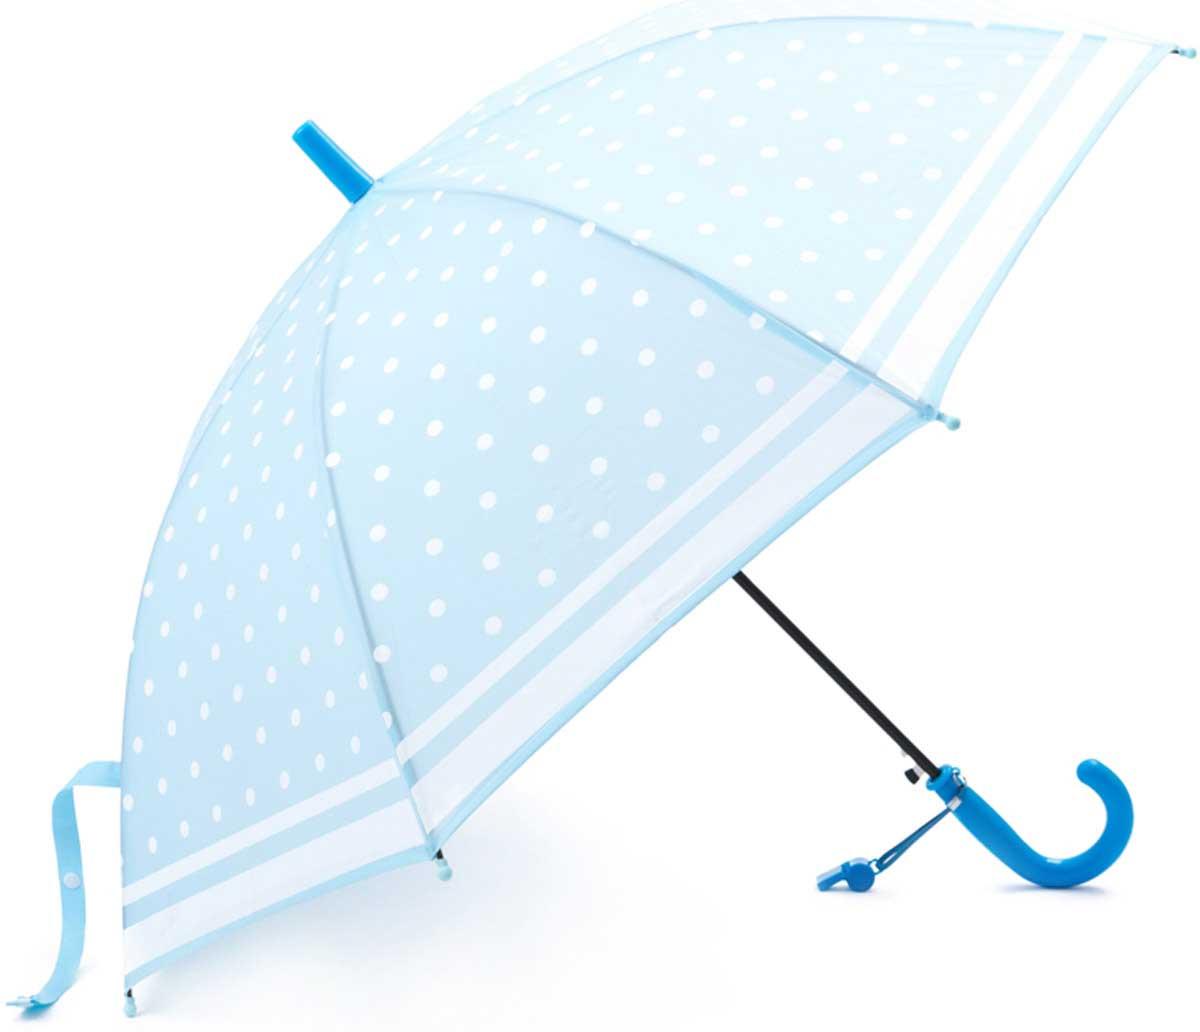 Зонт для девочки PlayToday, цвет: голубой. 172701. Размер 48.5172701Этот яркий зонтик обязательно понравится Вашему ребенку! Оснащен специальной безопасной системой открывания и закрывания. Материал каркаса ветроустойчивый. Концы спиц снабжены пластмассовыми наконечниками для защиты от травм. Такой зонт идеально подойдет для прогулок в дождливую погоду.